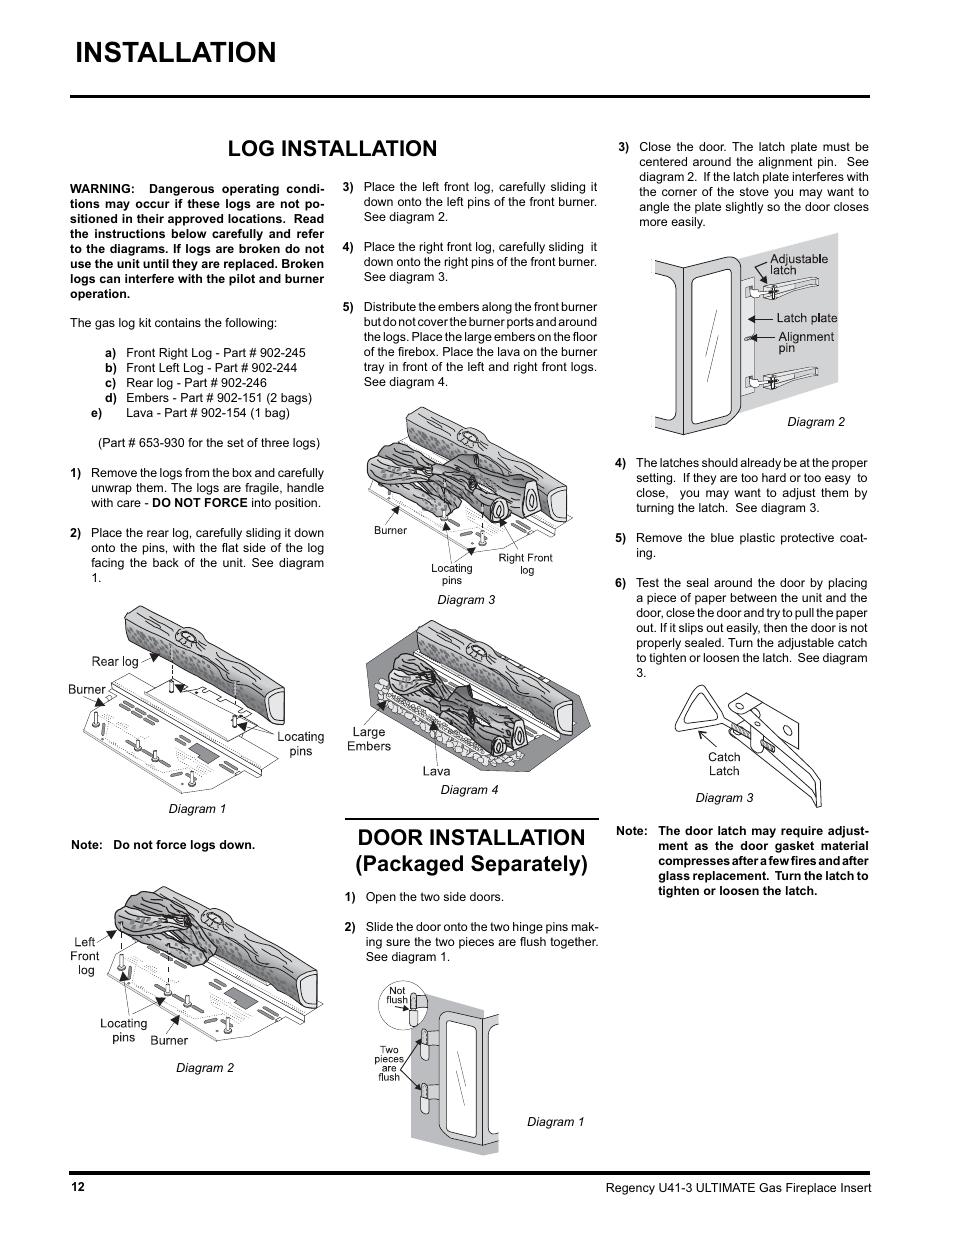 Installation, Door installation (packaged separately), Log